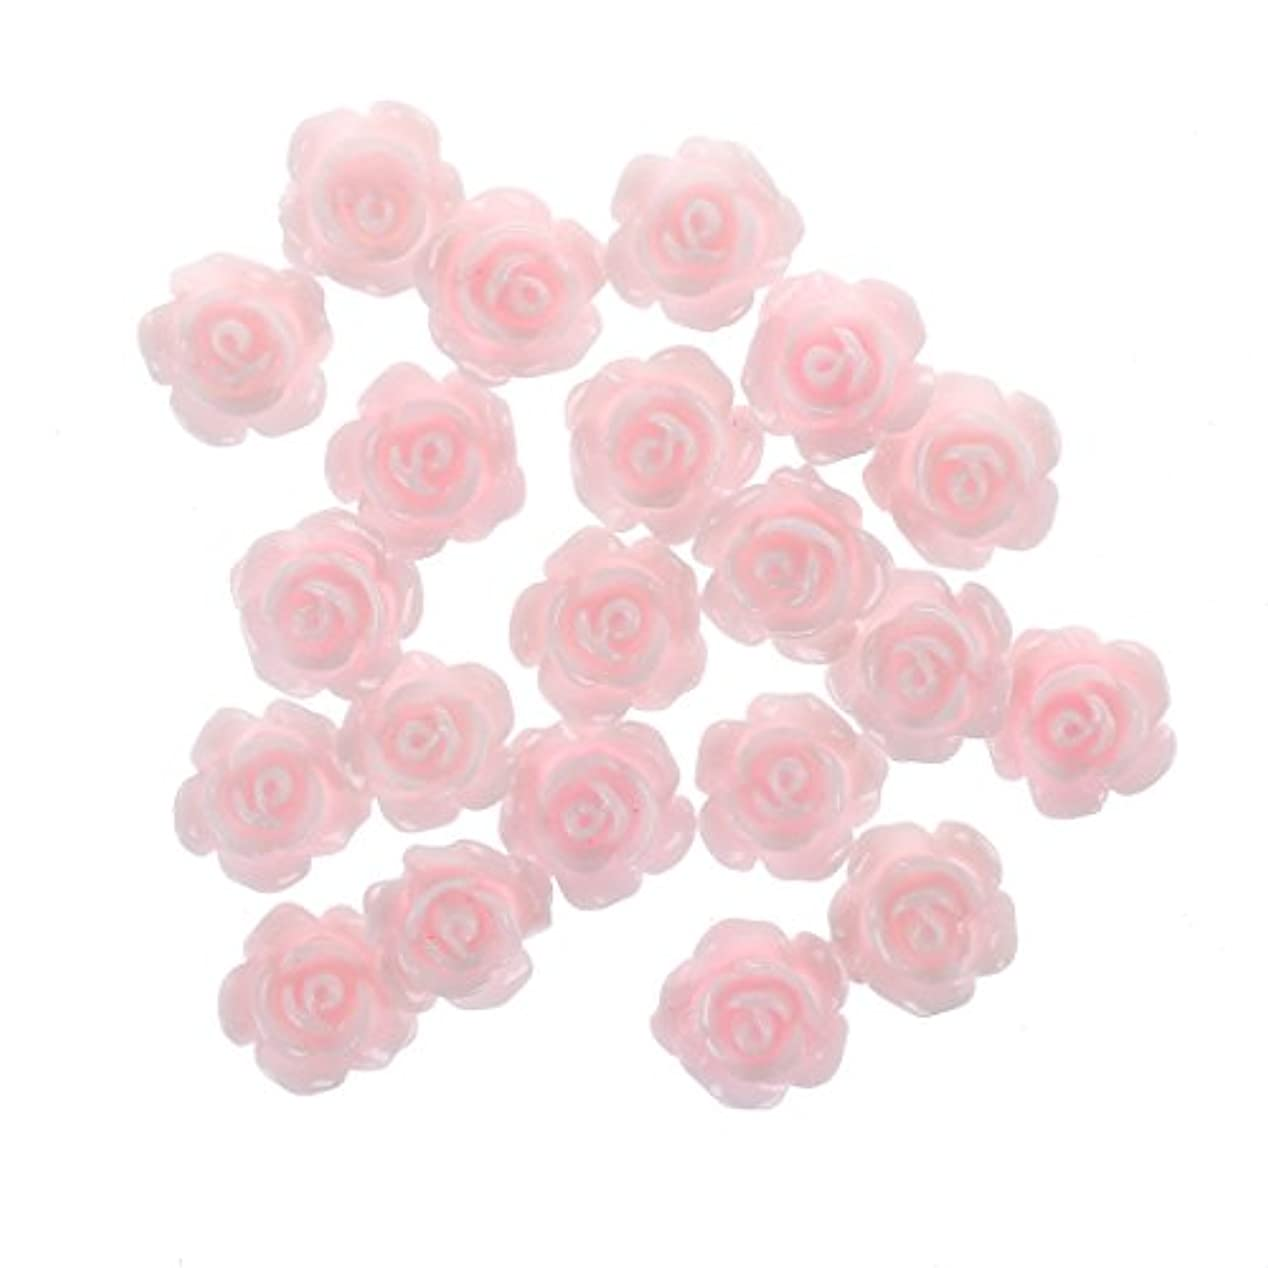 びっくり誘惑するセラーCikuso 20x3Dピンクの小さいバラ ラインストーン付きネイルアート装飾